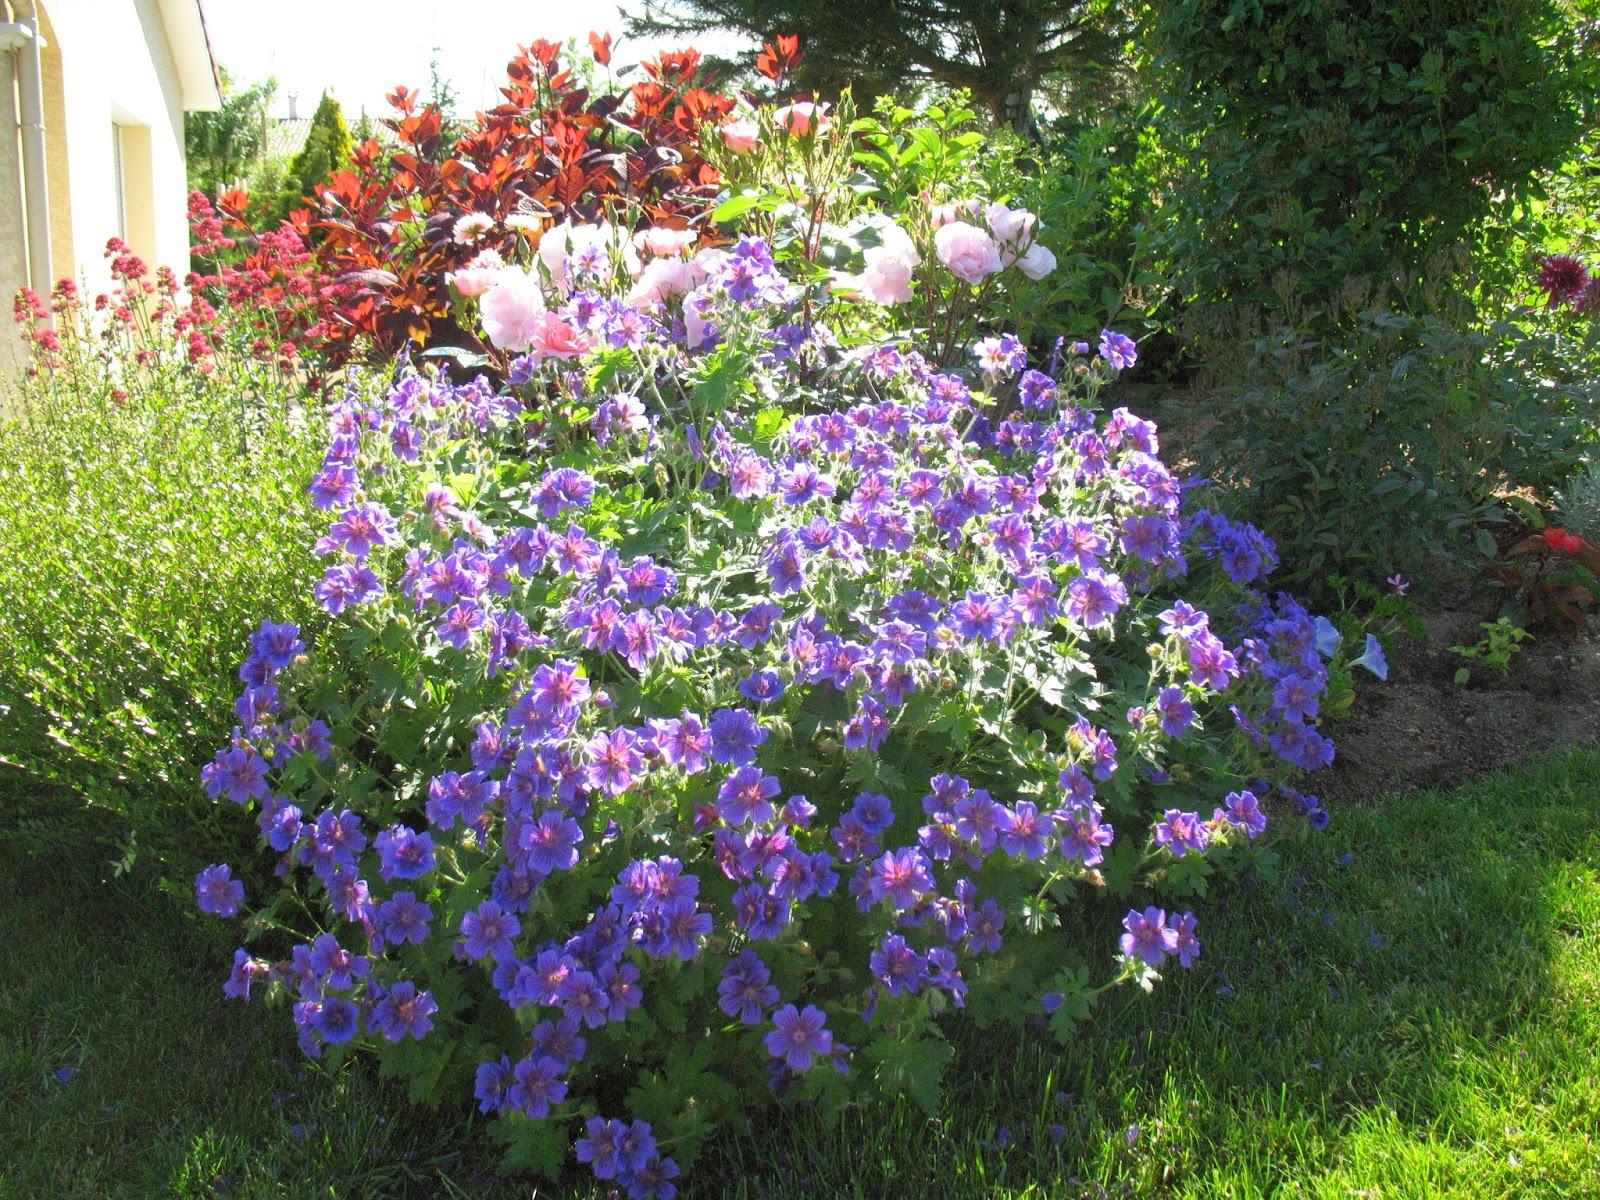 roses du jardin ch neland pour border un nouveau massif de rosiers. Black Bedroom Furniture Sets. Home Design Ideas